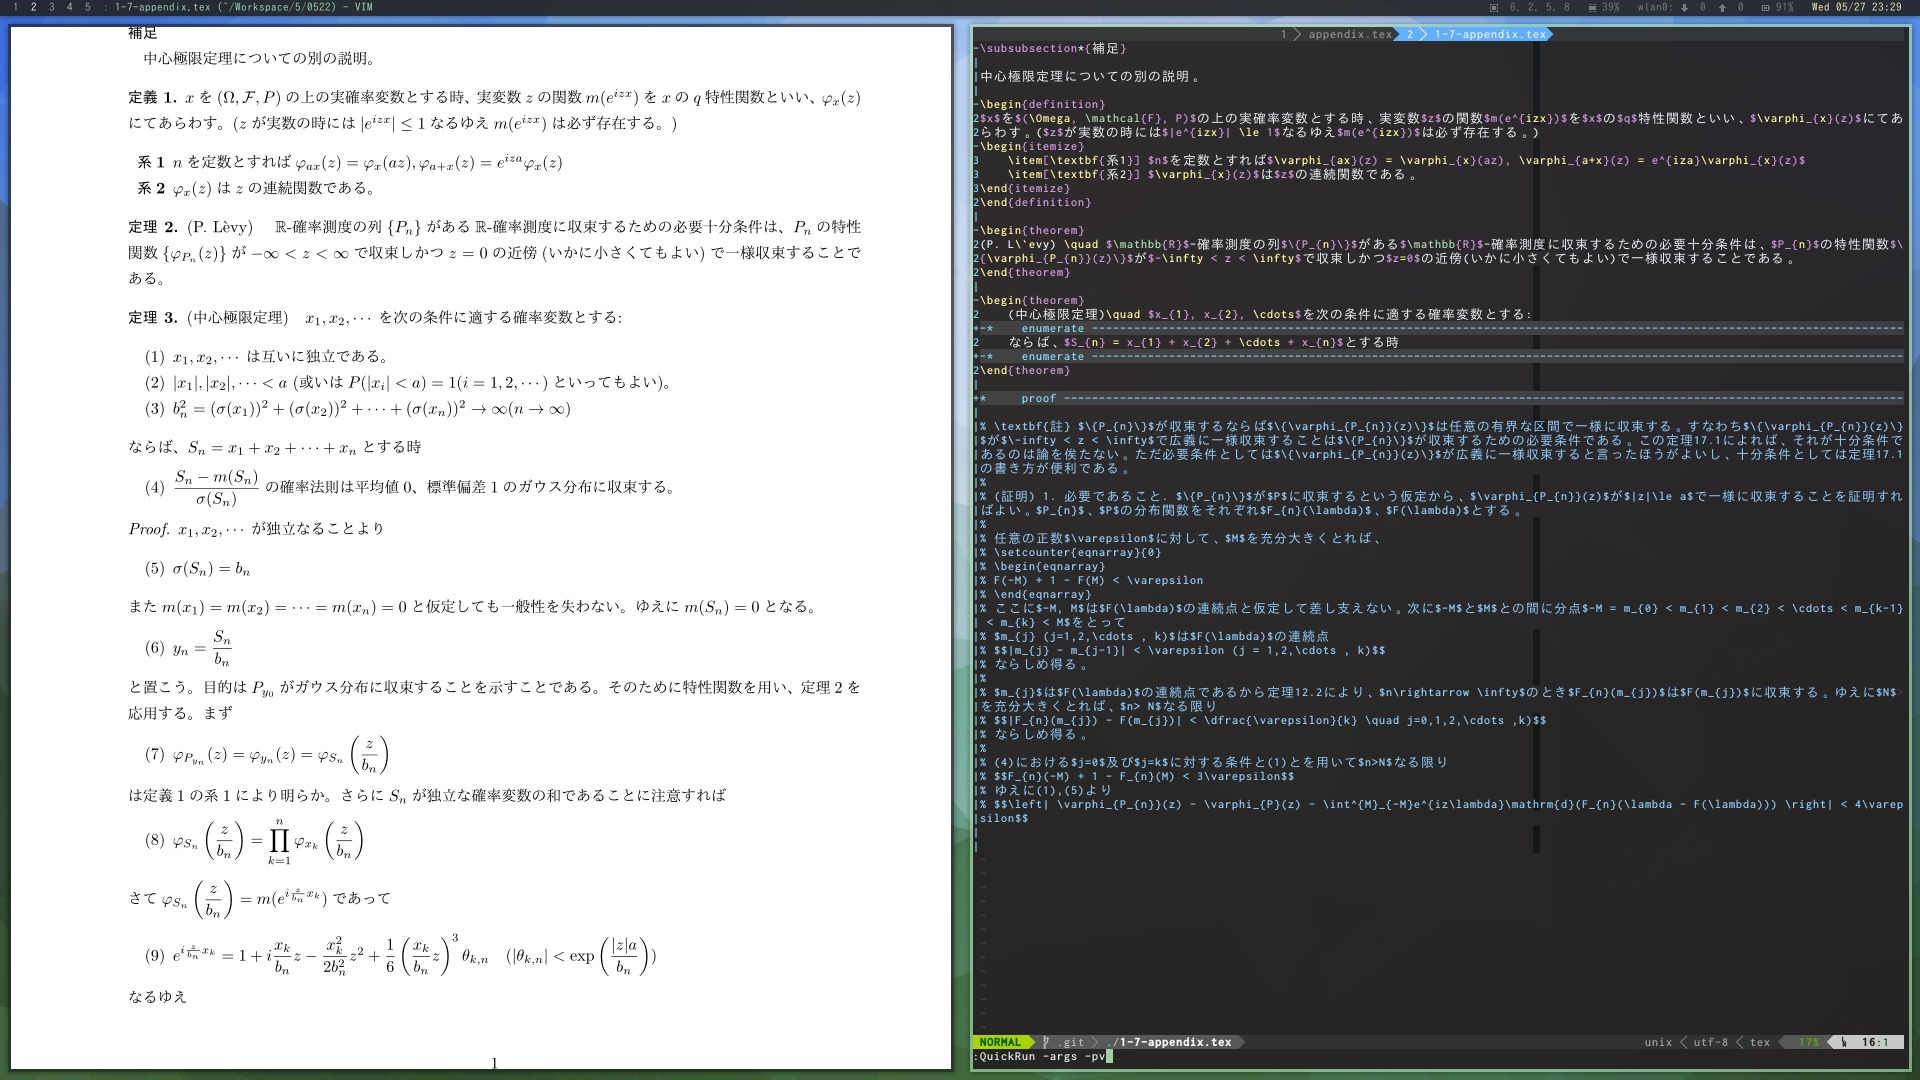 screen_002.jpg